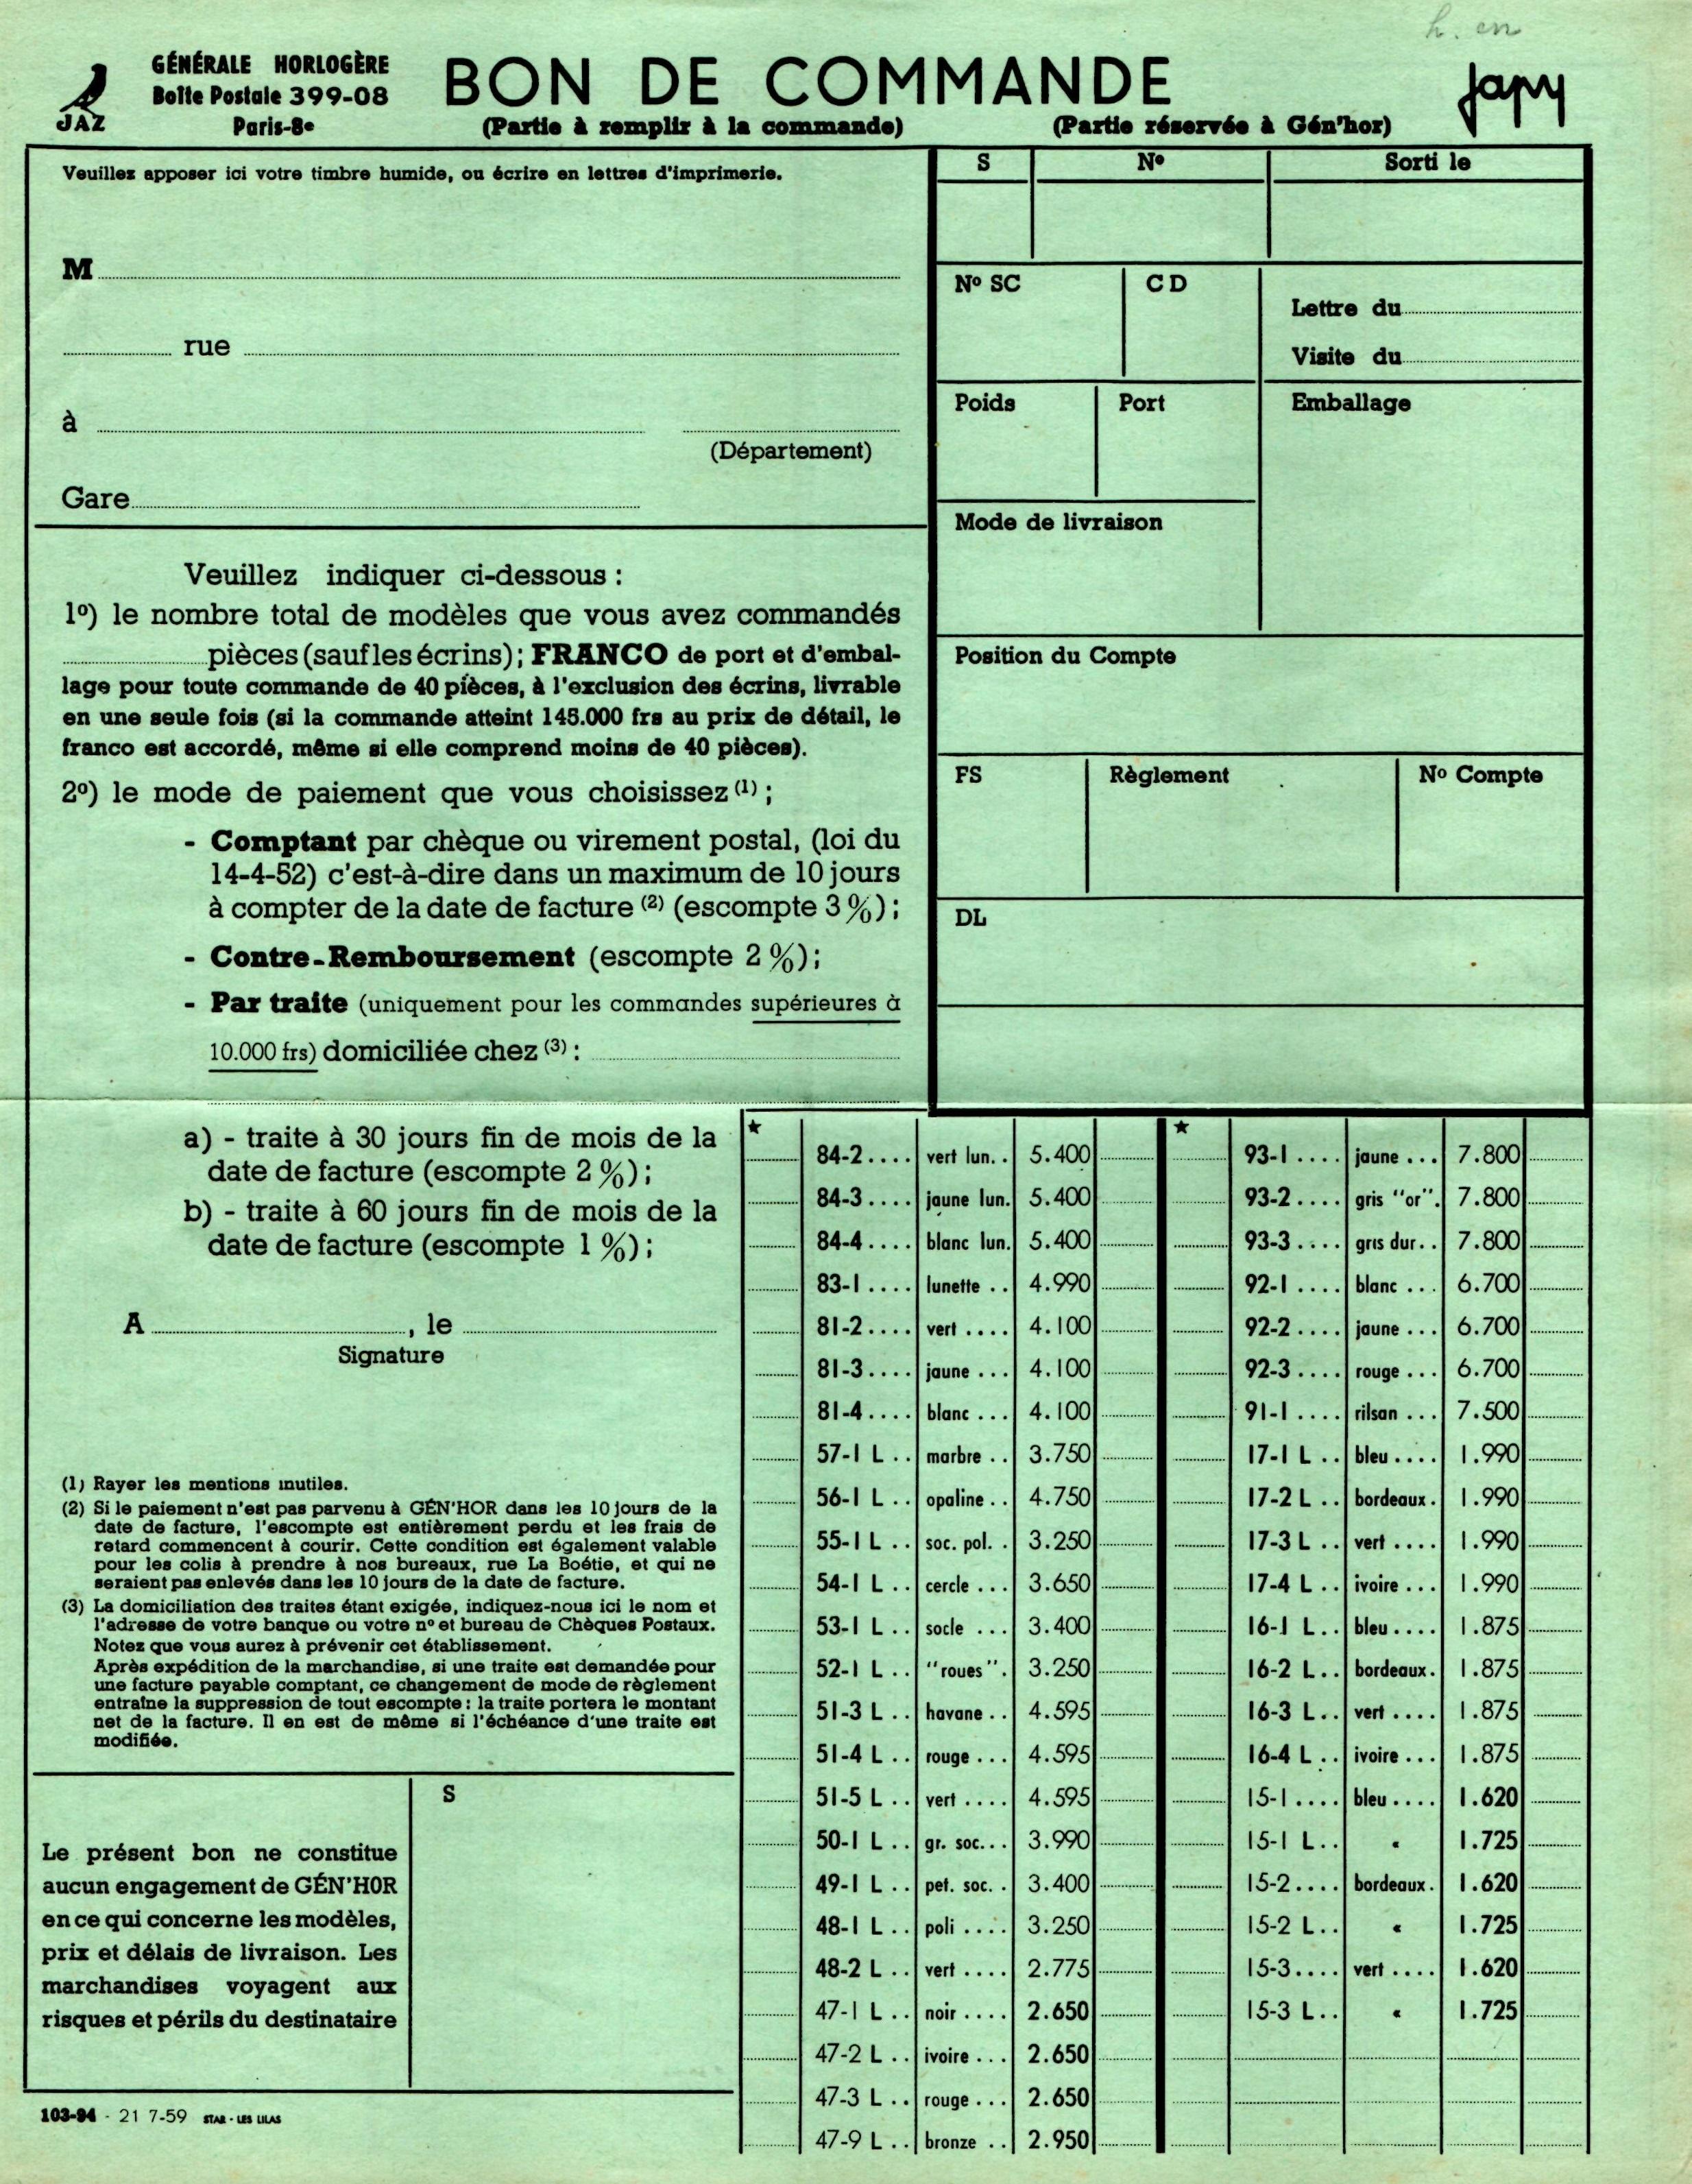 1959 bon de commande du tarif FA 59 page 1 juillet 1959